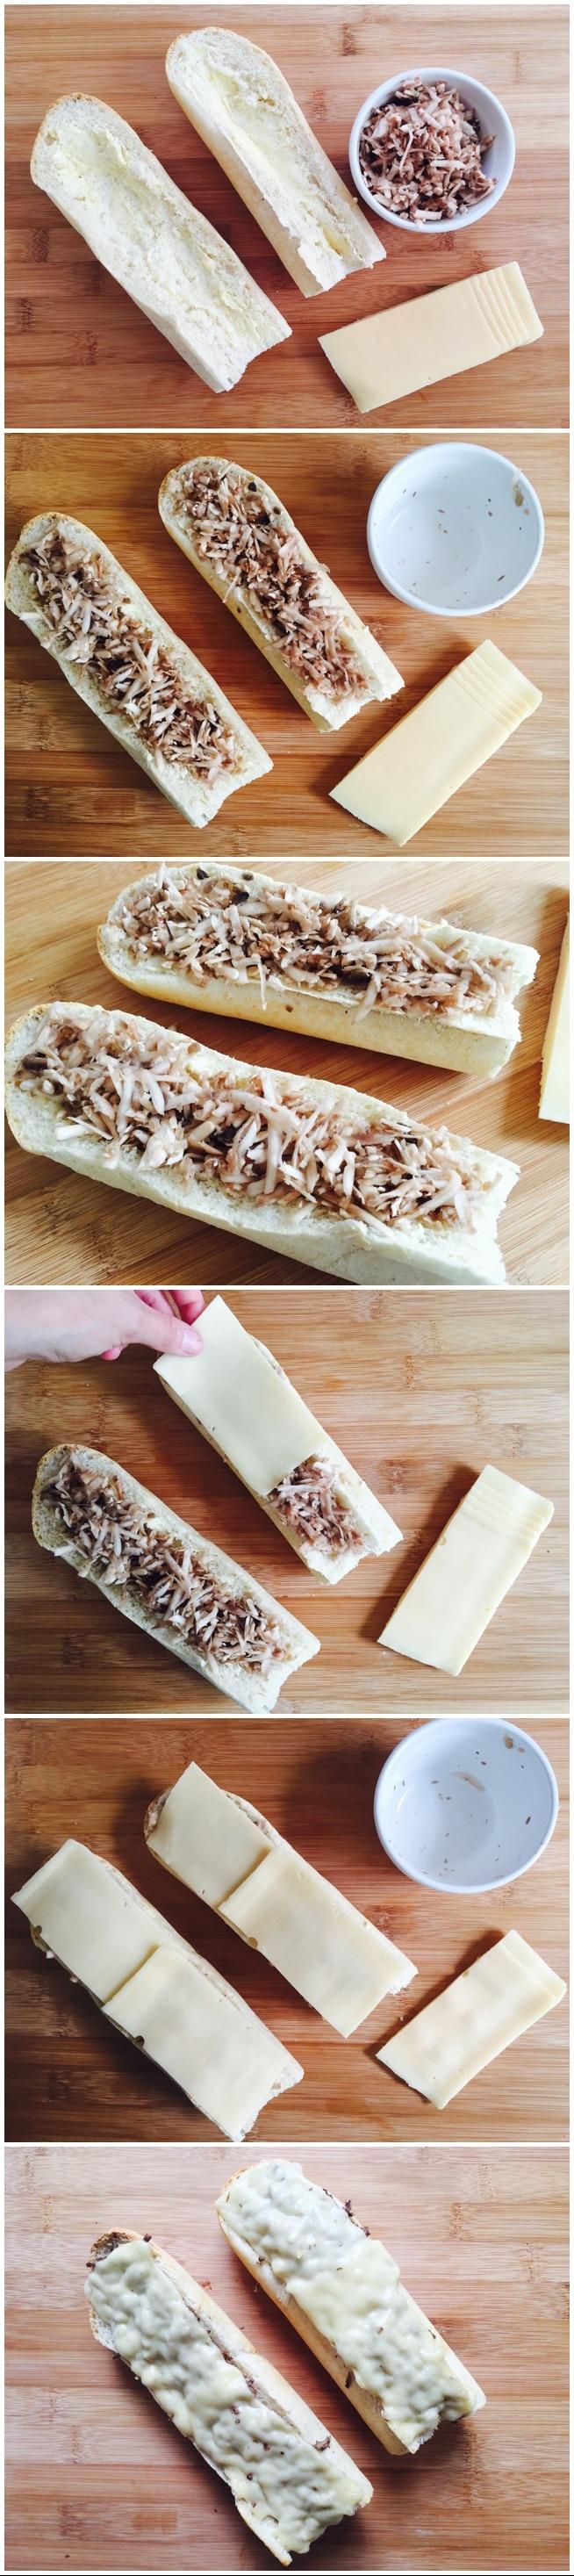 NAJSZYBSZE , NAJPROSTRZE , NAJSMACZNIEJSZE ZAPIEKANKI! Sposób przygotowania: Bagietke przekrajamy wzdłuż na dwie równe części, pieczarki myjemy,obieramy i ścieramy na tartce. Przekrojone bagietki smarujemy cienką warstwą masła,  ukladamy pieczarki, a następnie kladziemy żółty ser. Tak przygotowane zapiekanki wkładamy do piekarnika nagrzanego do 200C na 5 minut i gotowe!:) ilość składników zależne jest od własnych potrzeb i upodobań. Zapraszam na pozostałe przepisy na smaczne przekąski.